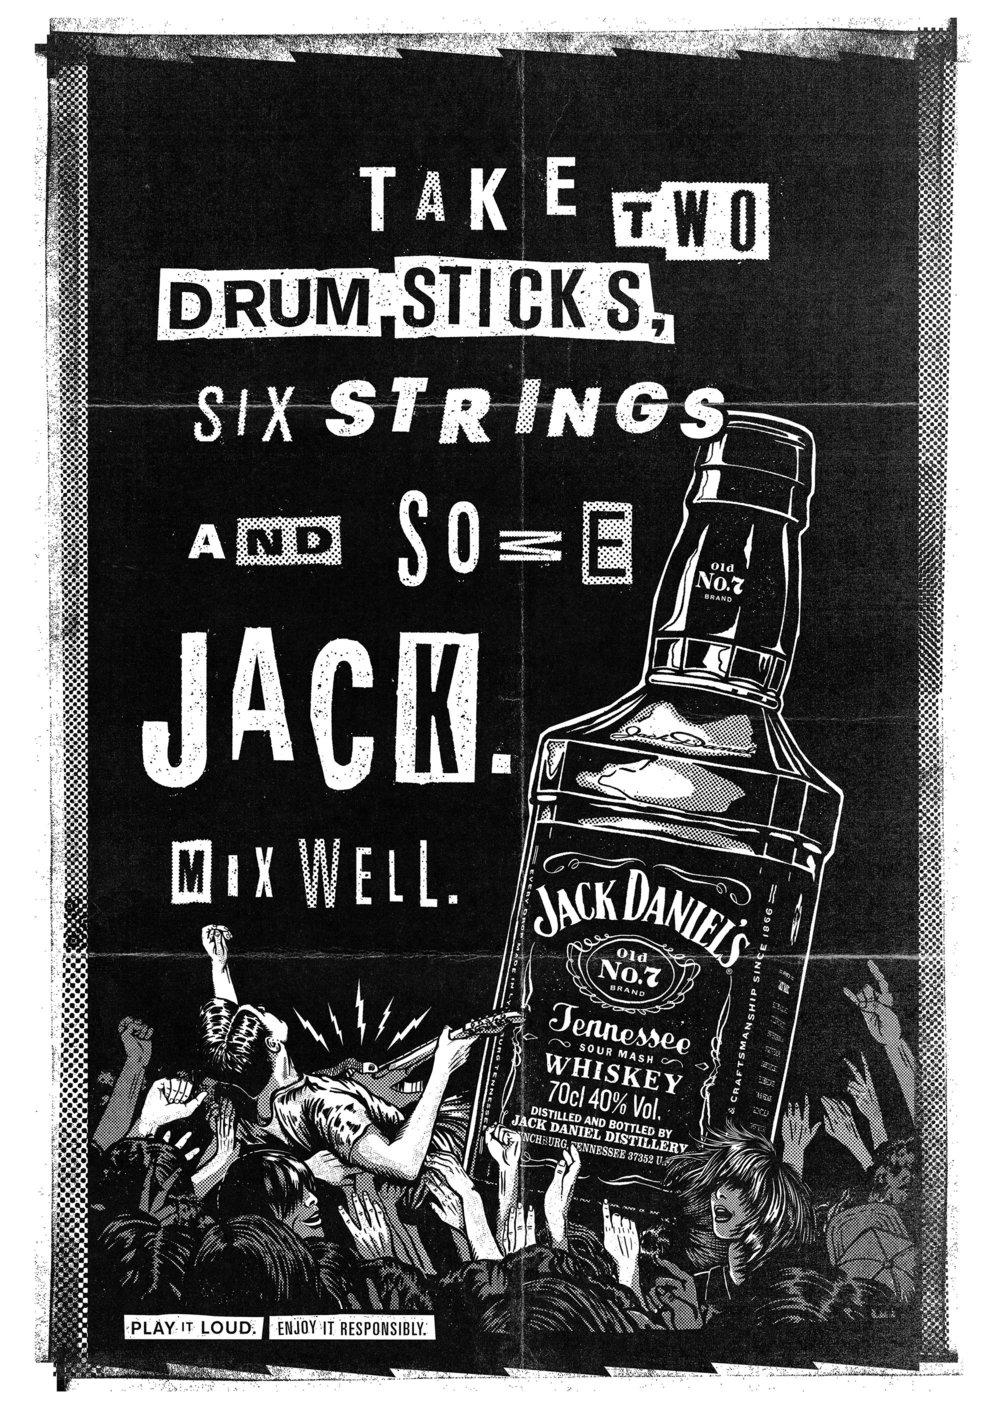 JD_music_mix_well.jpg